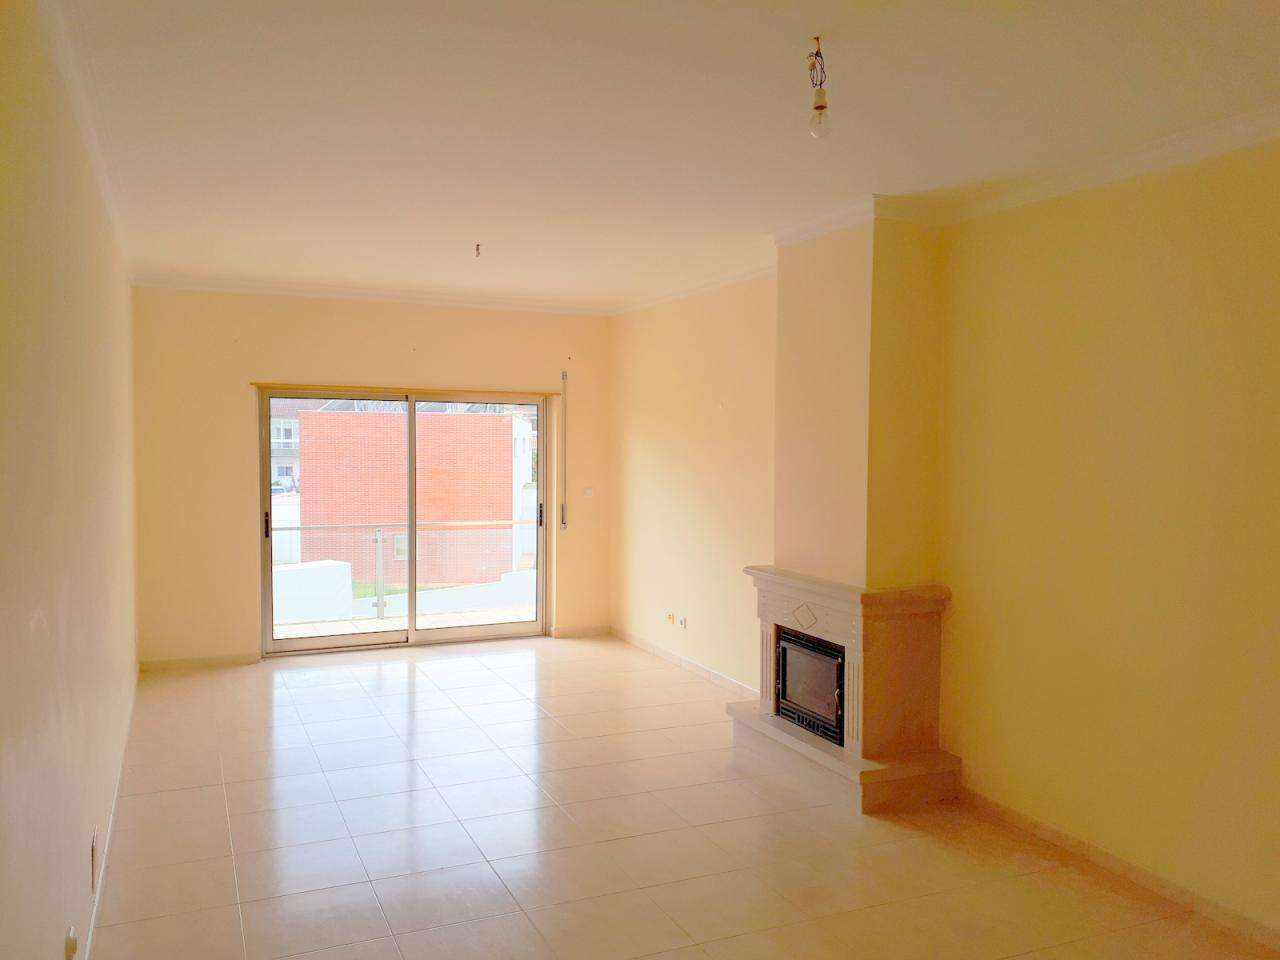 Apartamento para comprar, Sapataria, Lisboa - Foto 3